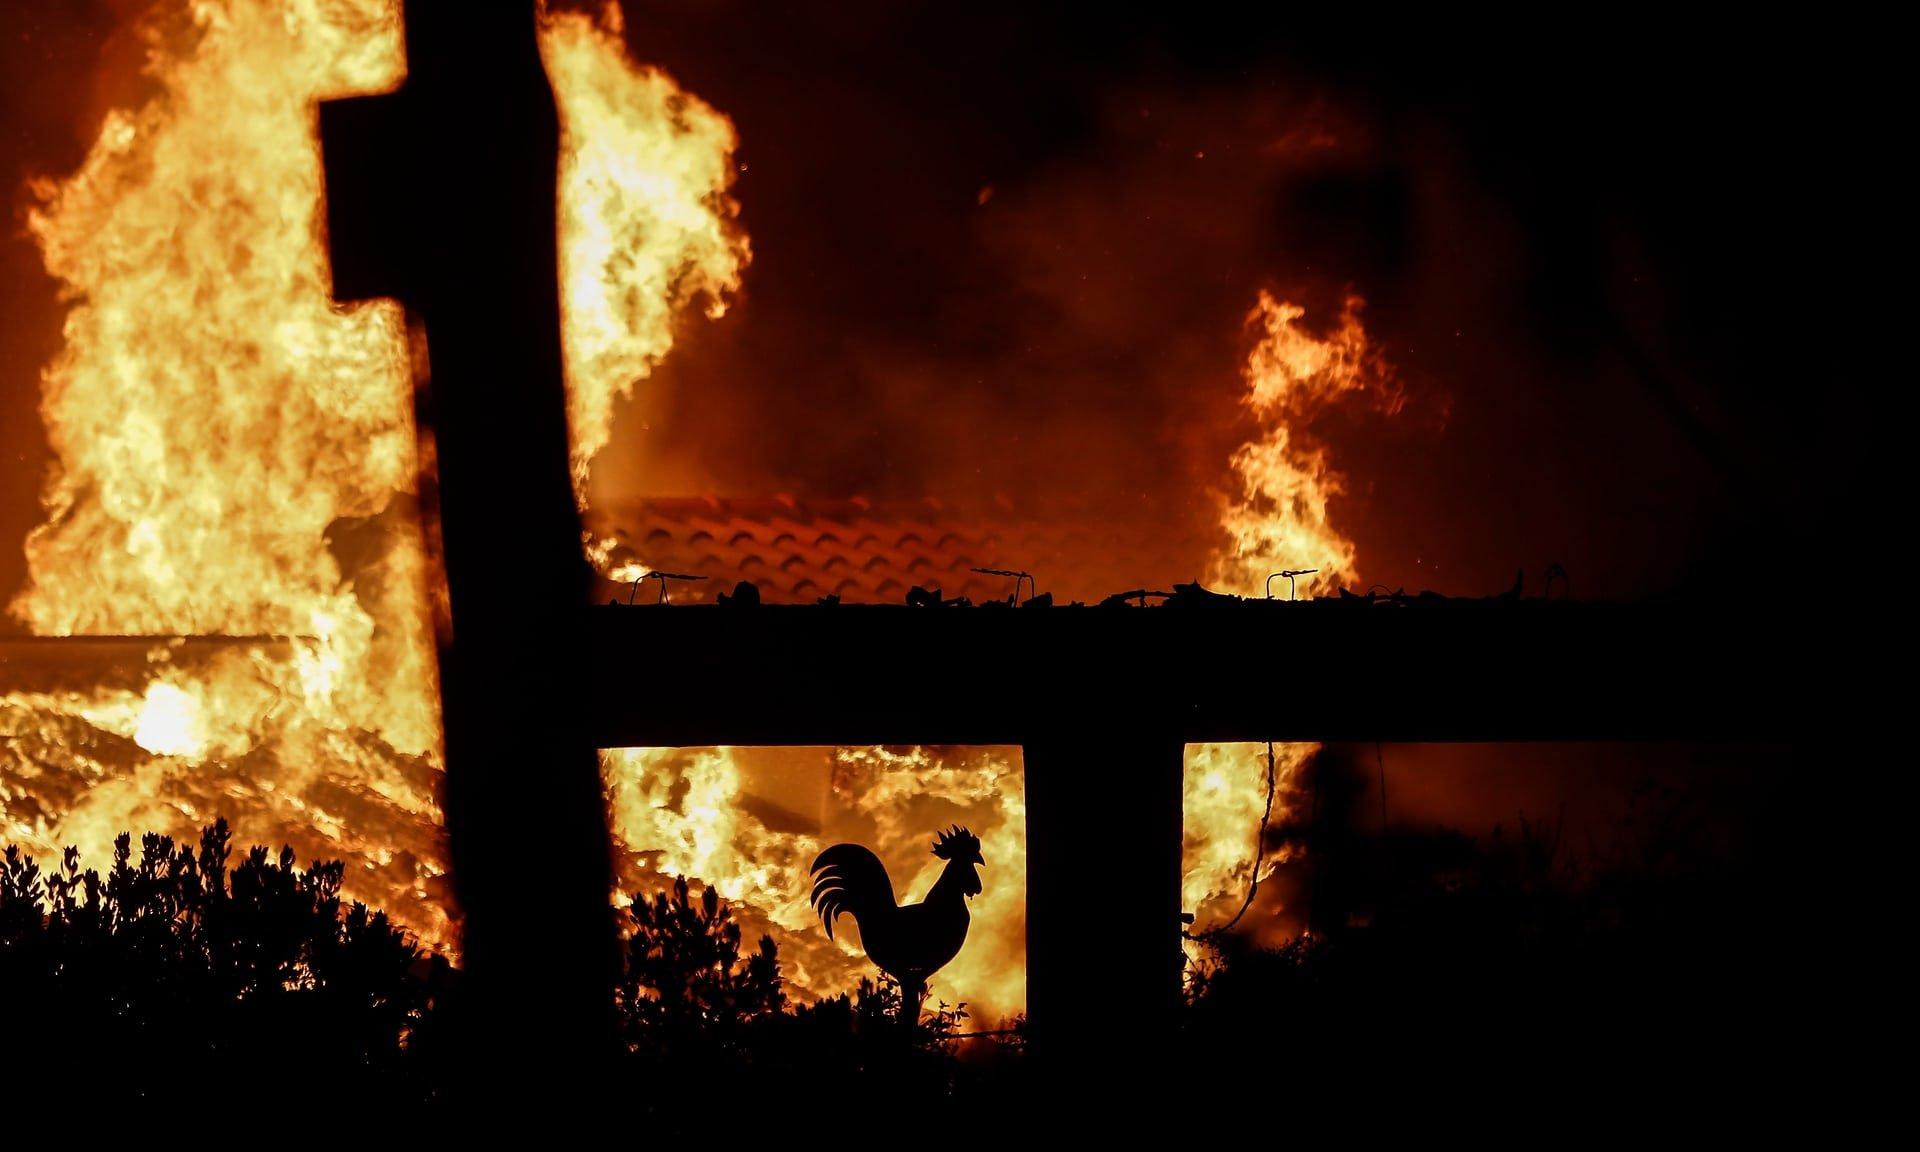 Пожары не утихают, люди продолжают умирать: что происходит на известном курорте